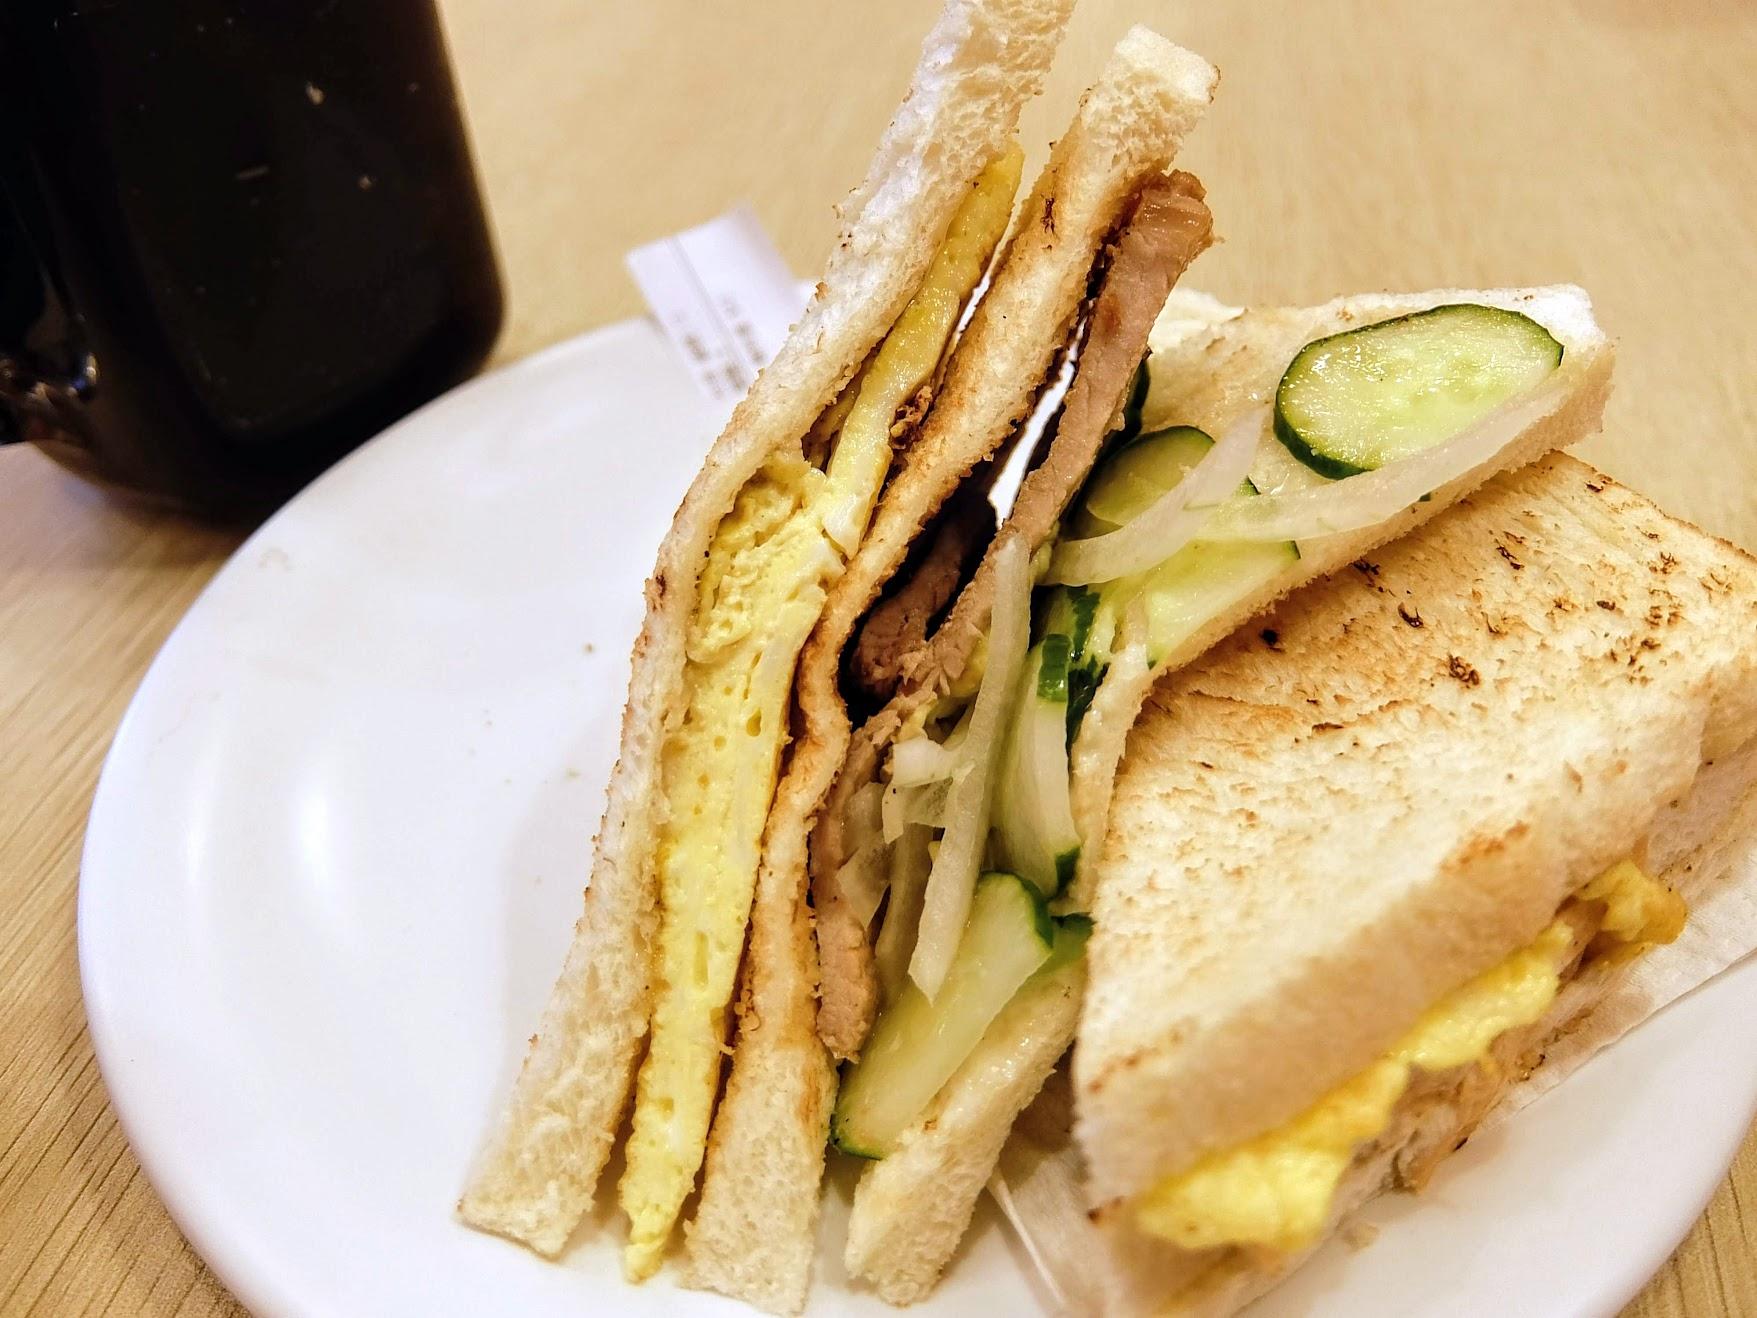 麵包中間夾著蛋/蜜汁烤肉/黃瓜/洋蔥等...